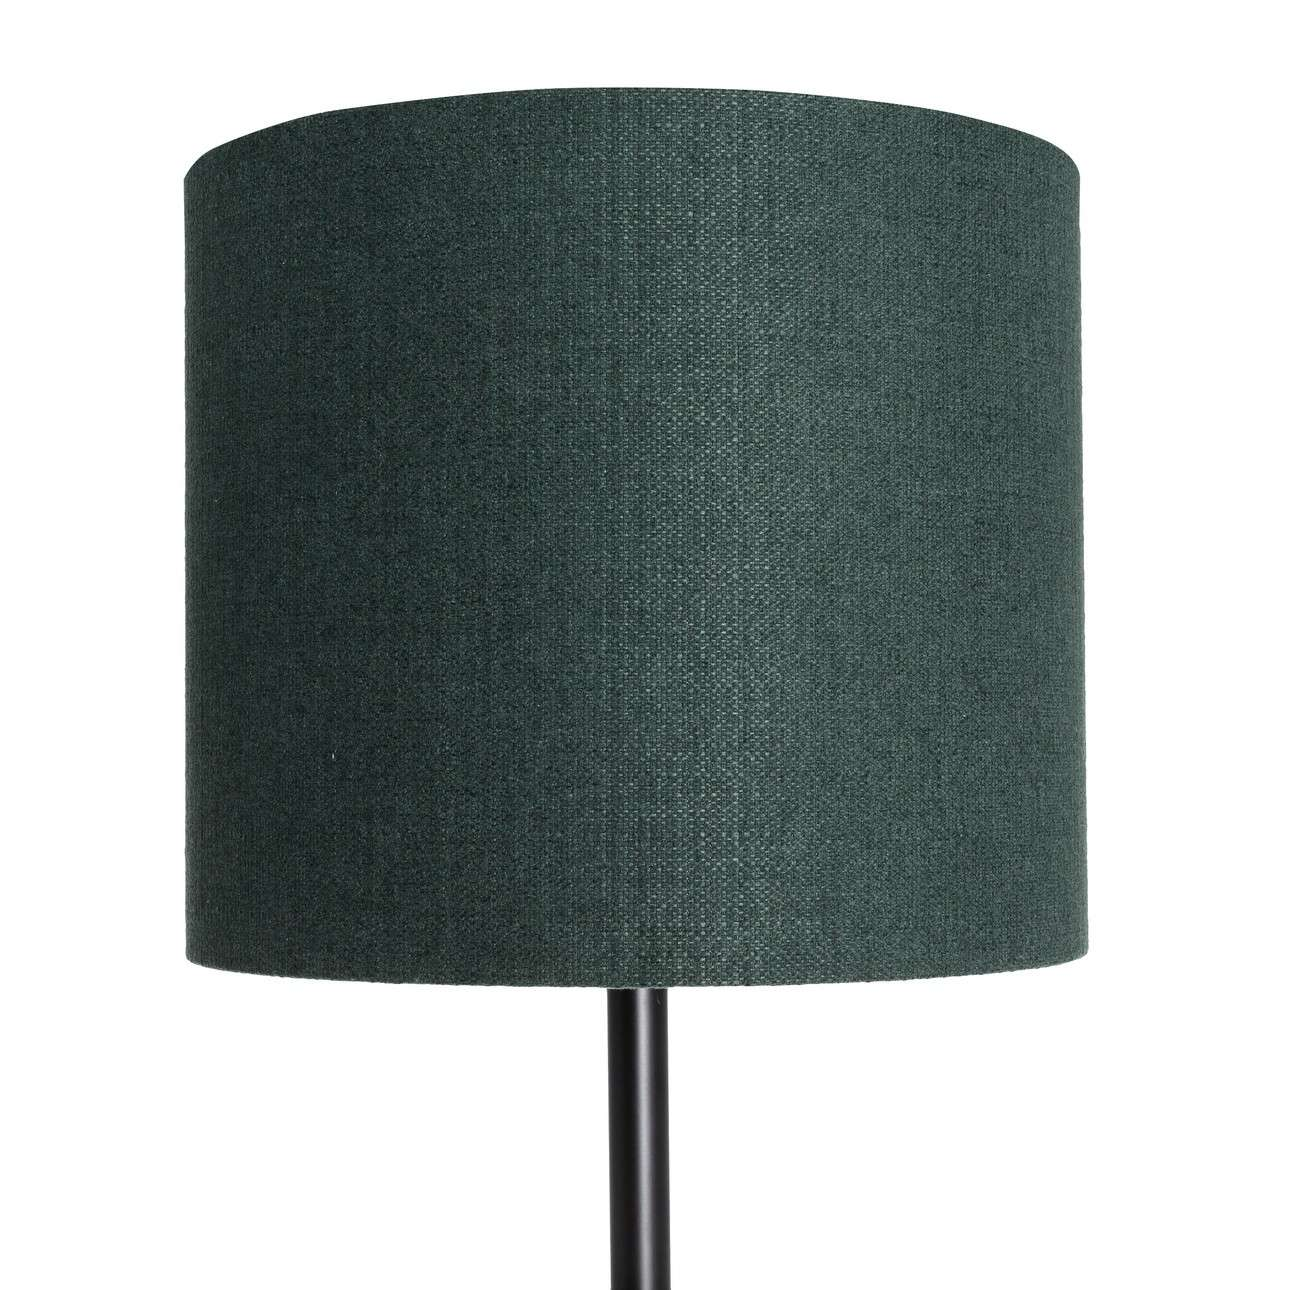 Stehlampe Hailey Dark Green 162cm